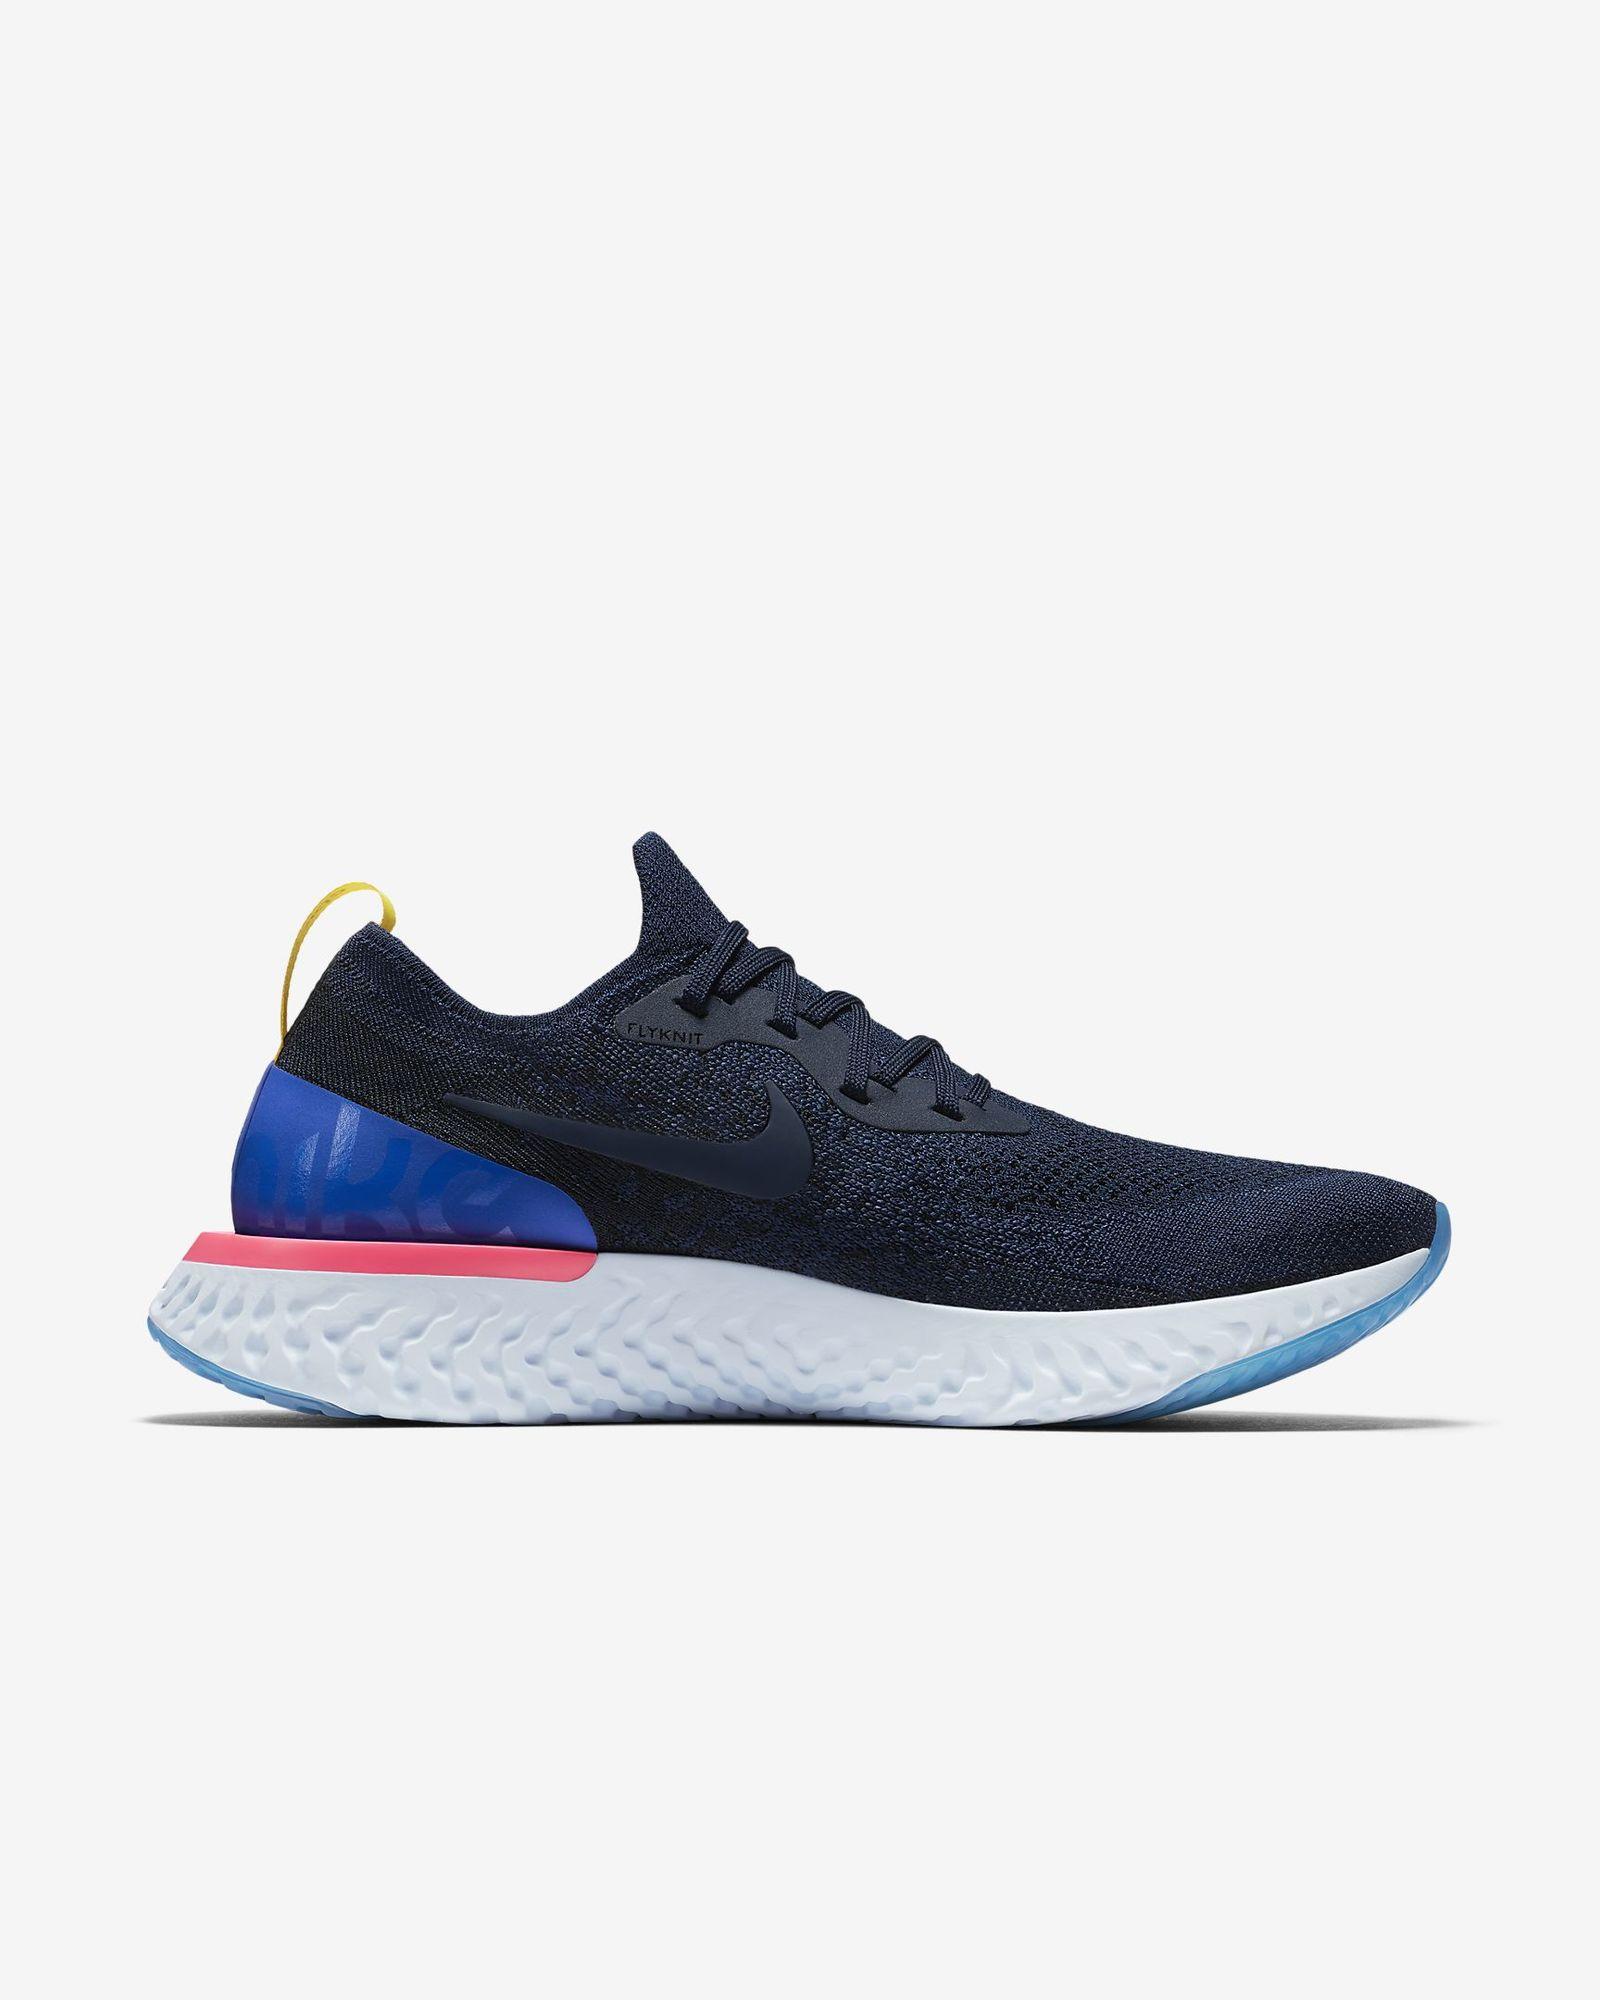 Nike Epic React Flyknit in Blau Weiß